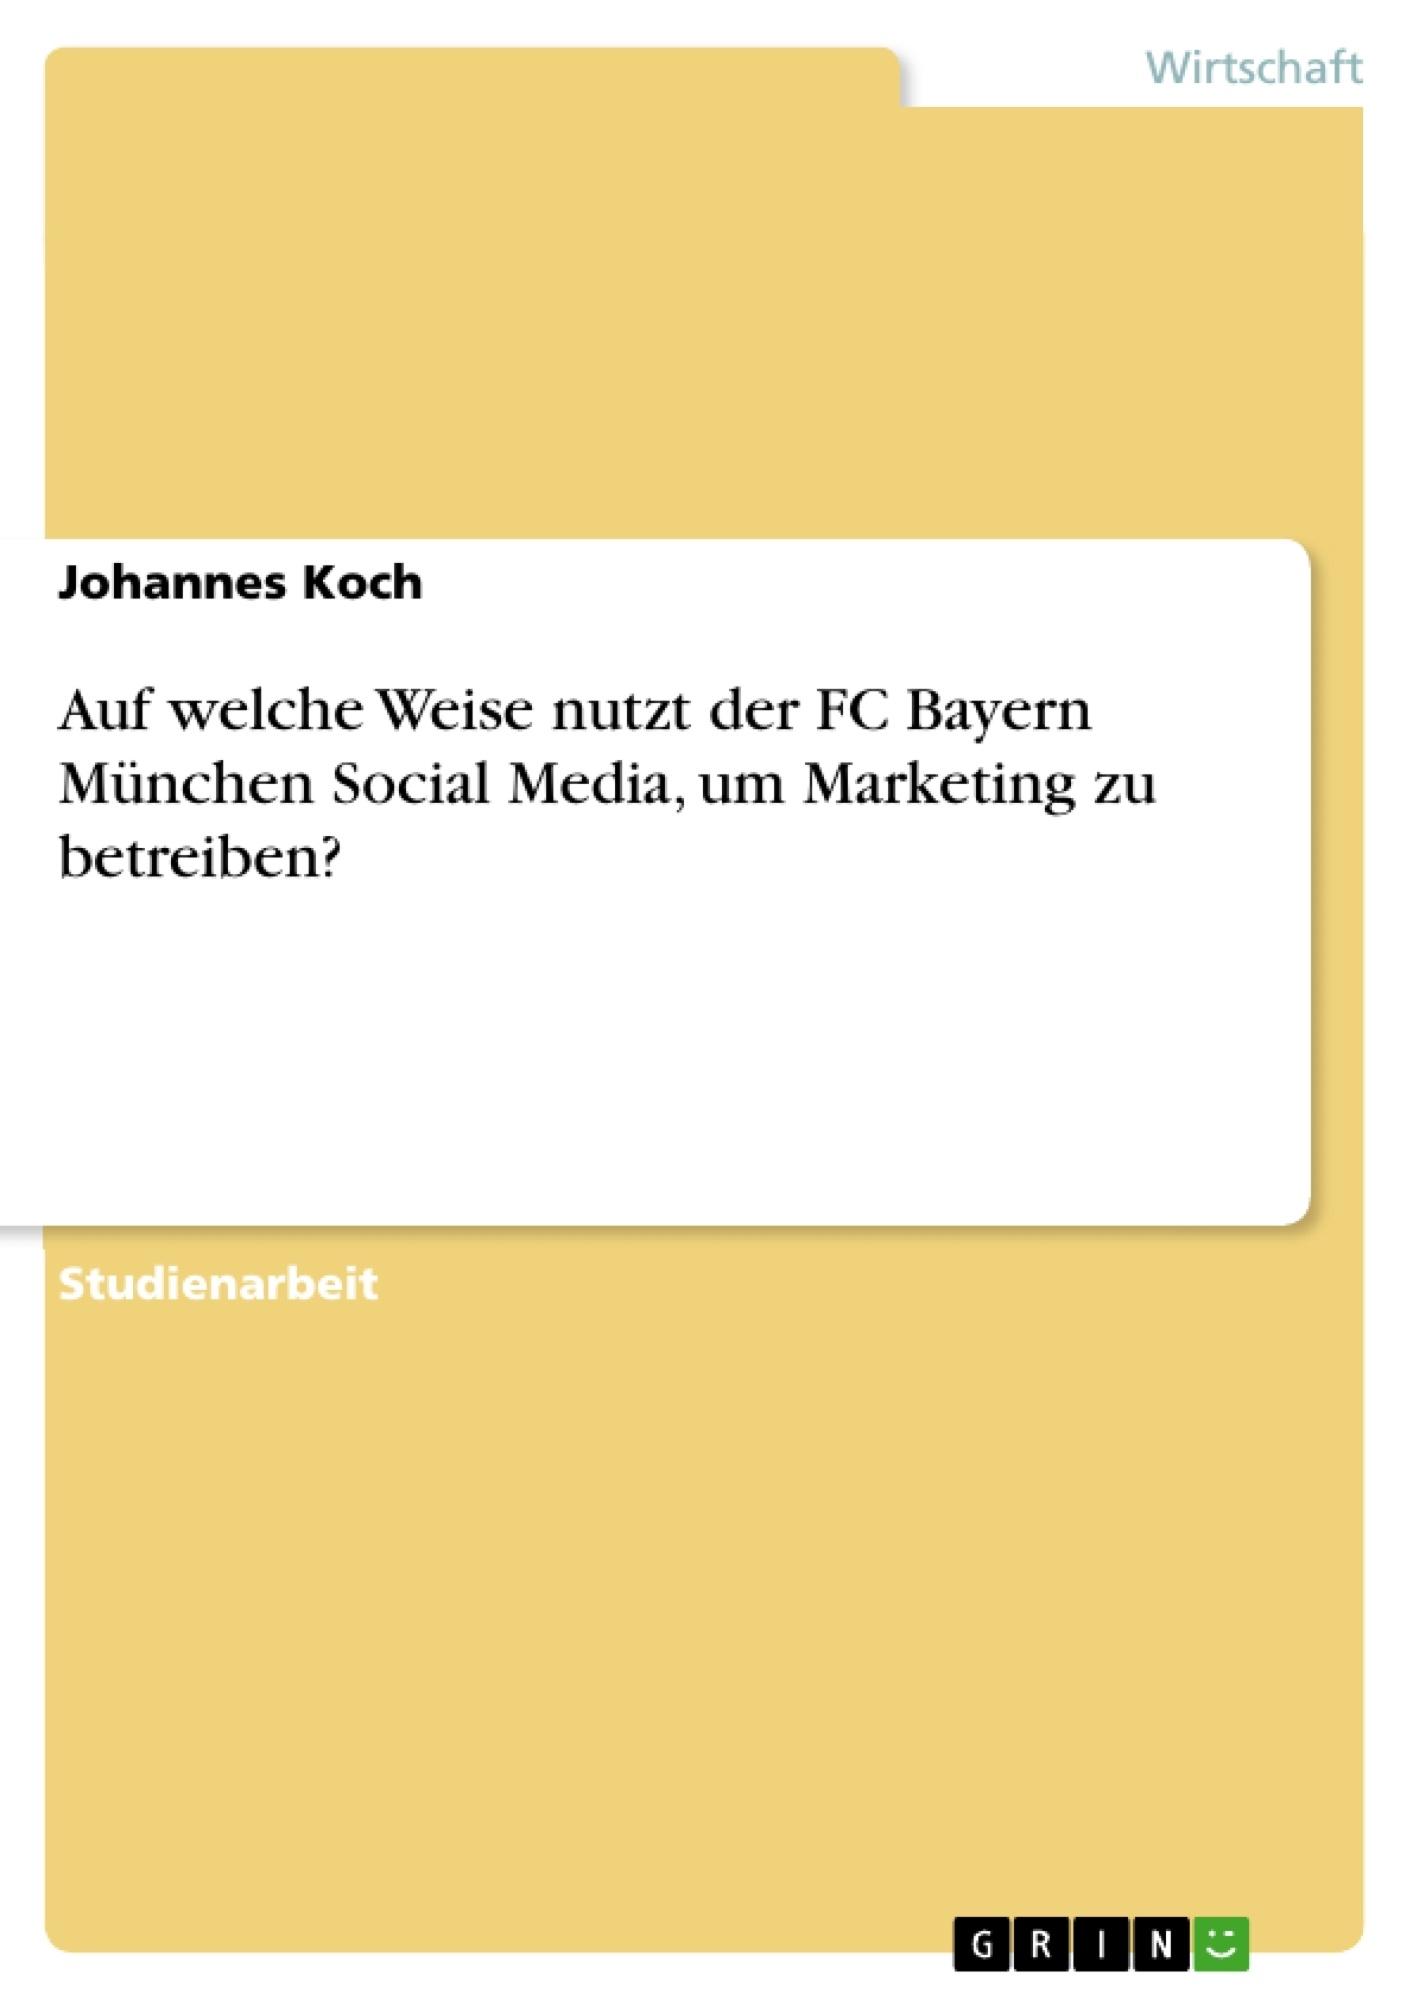 Titel: Auf welche Weise nutzt der FC Bayern München Social Media, um Marketing zu betreiben?